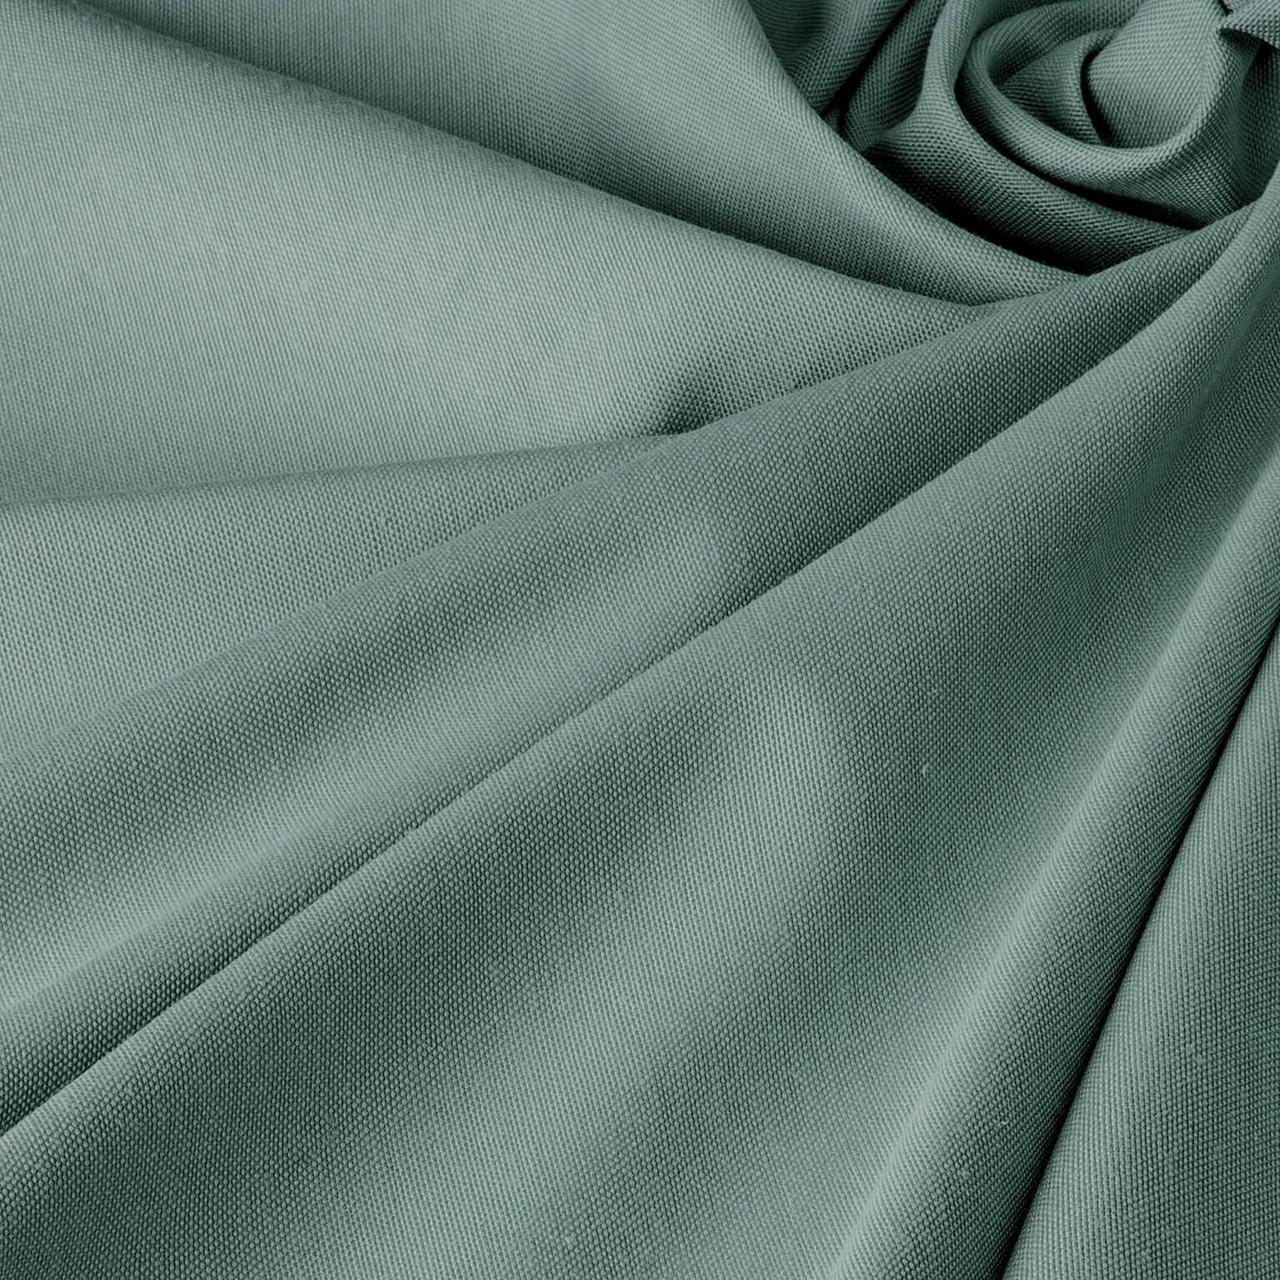 Порт'єрна тканина для штор і скатертин Teflon DRМ-4046